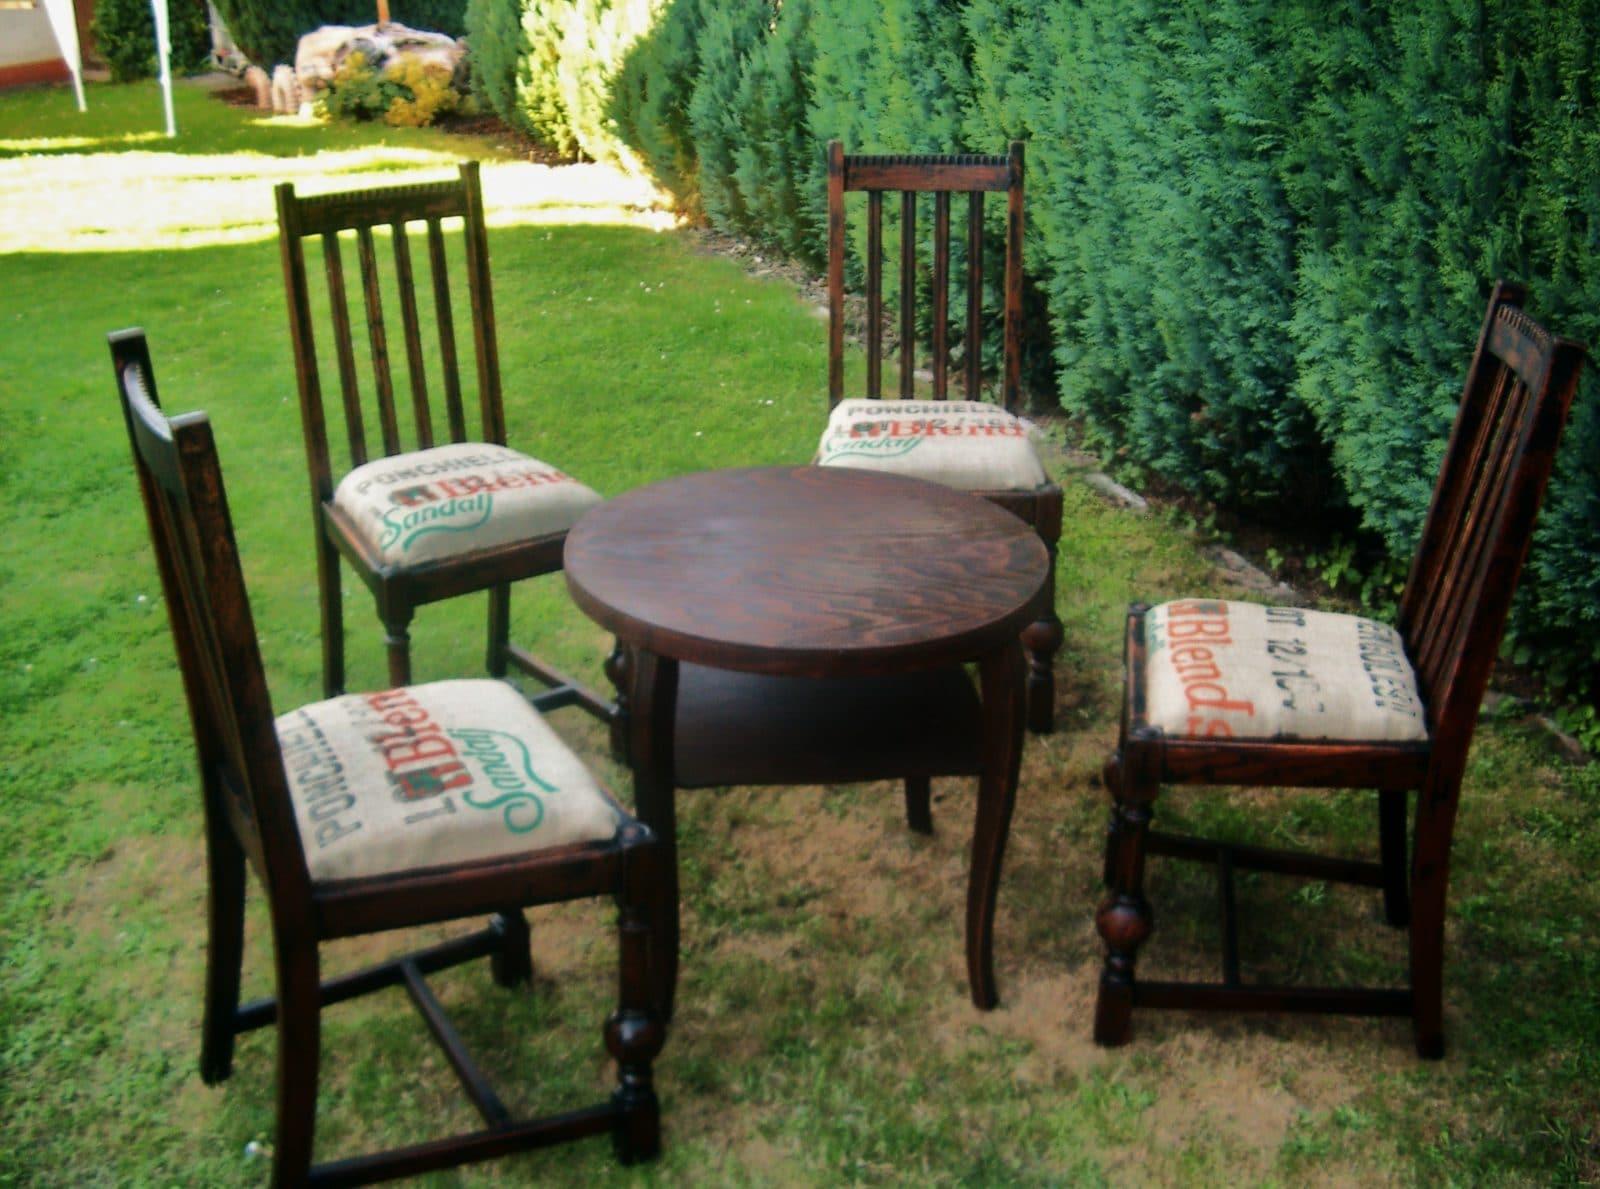 sofa neu beziehen anleitung sofa neu beziehen preis medium size of sofa neu beziehen kosten. Black Bedroom Furniture Sets. Home Design Ideas